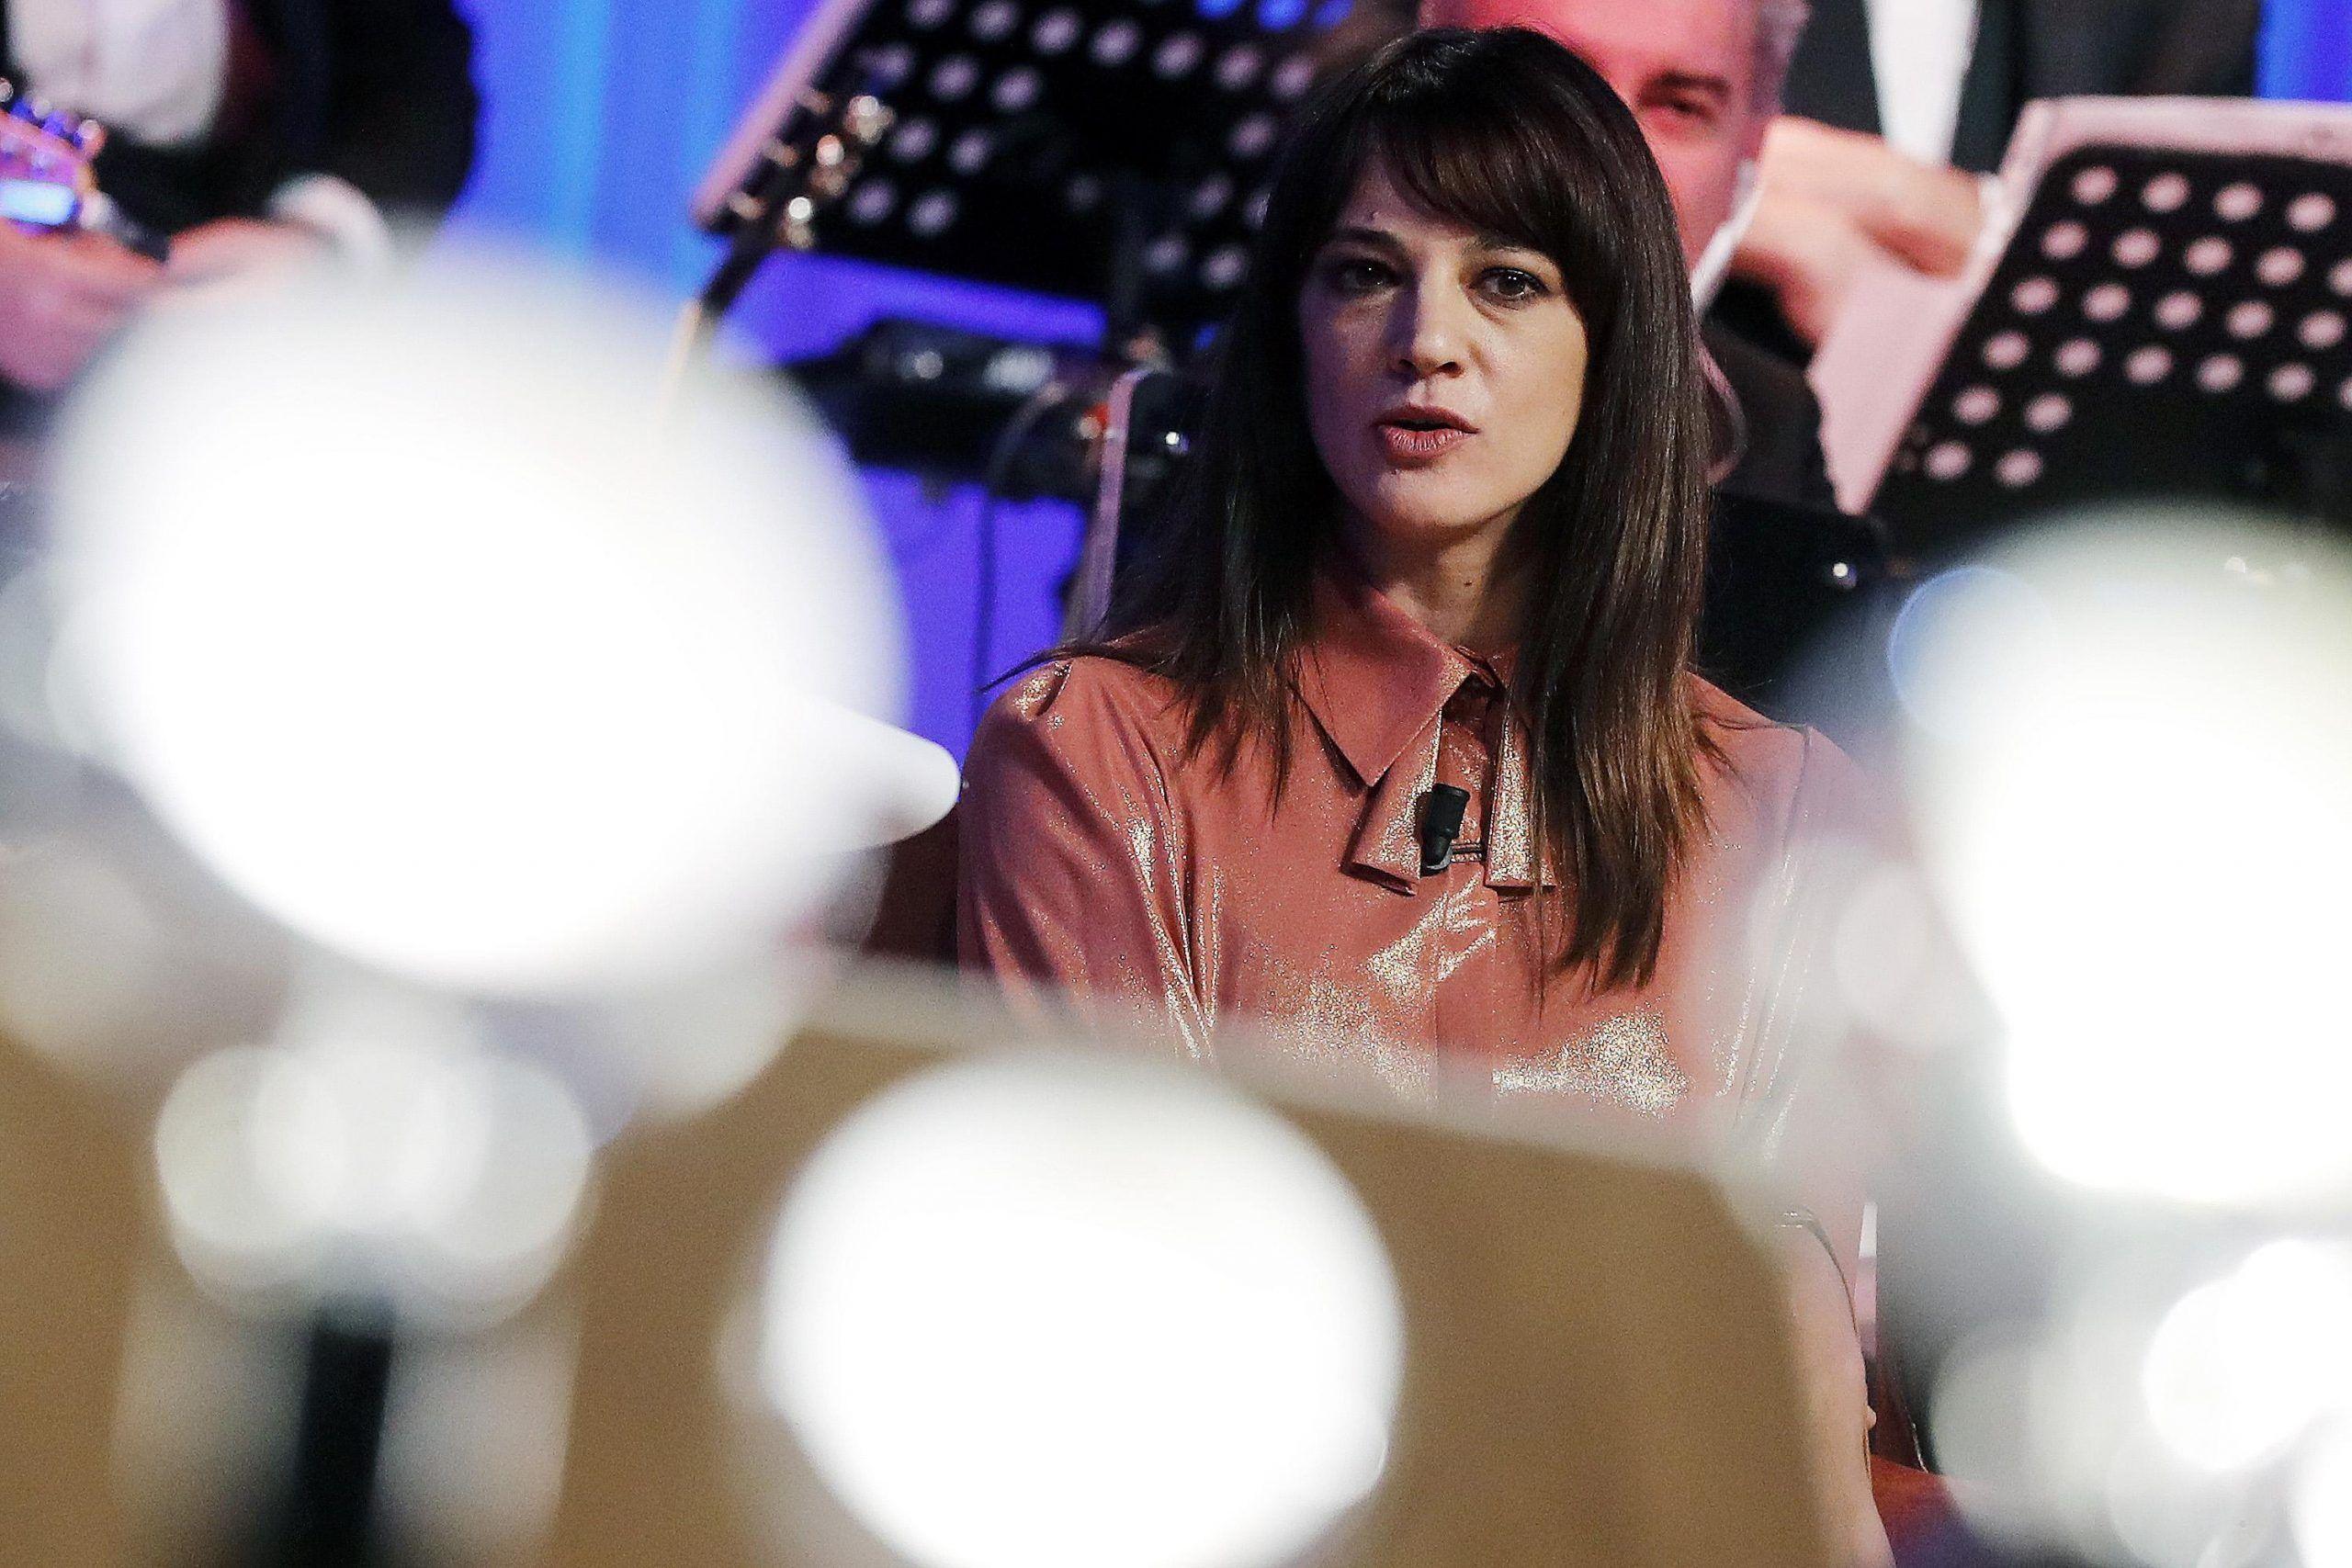 Asia Argento e Fabrizio Corona, la madre dell'attrice: 'Non accetto che mia figlia stia con quel signore'